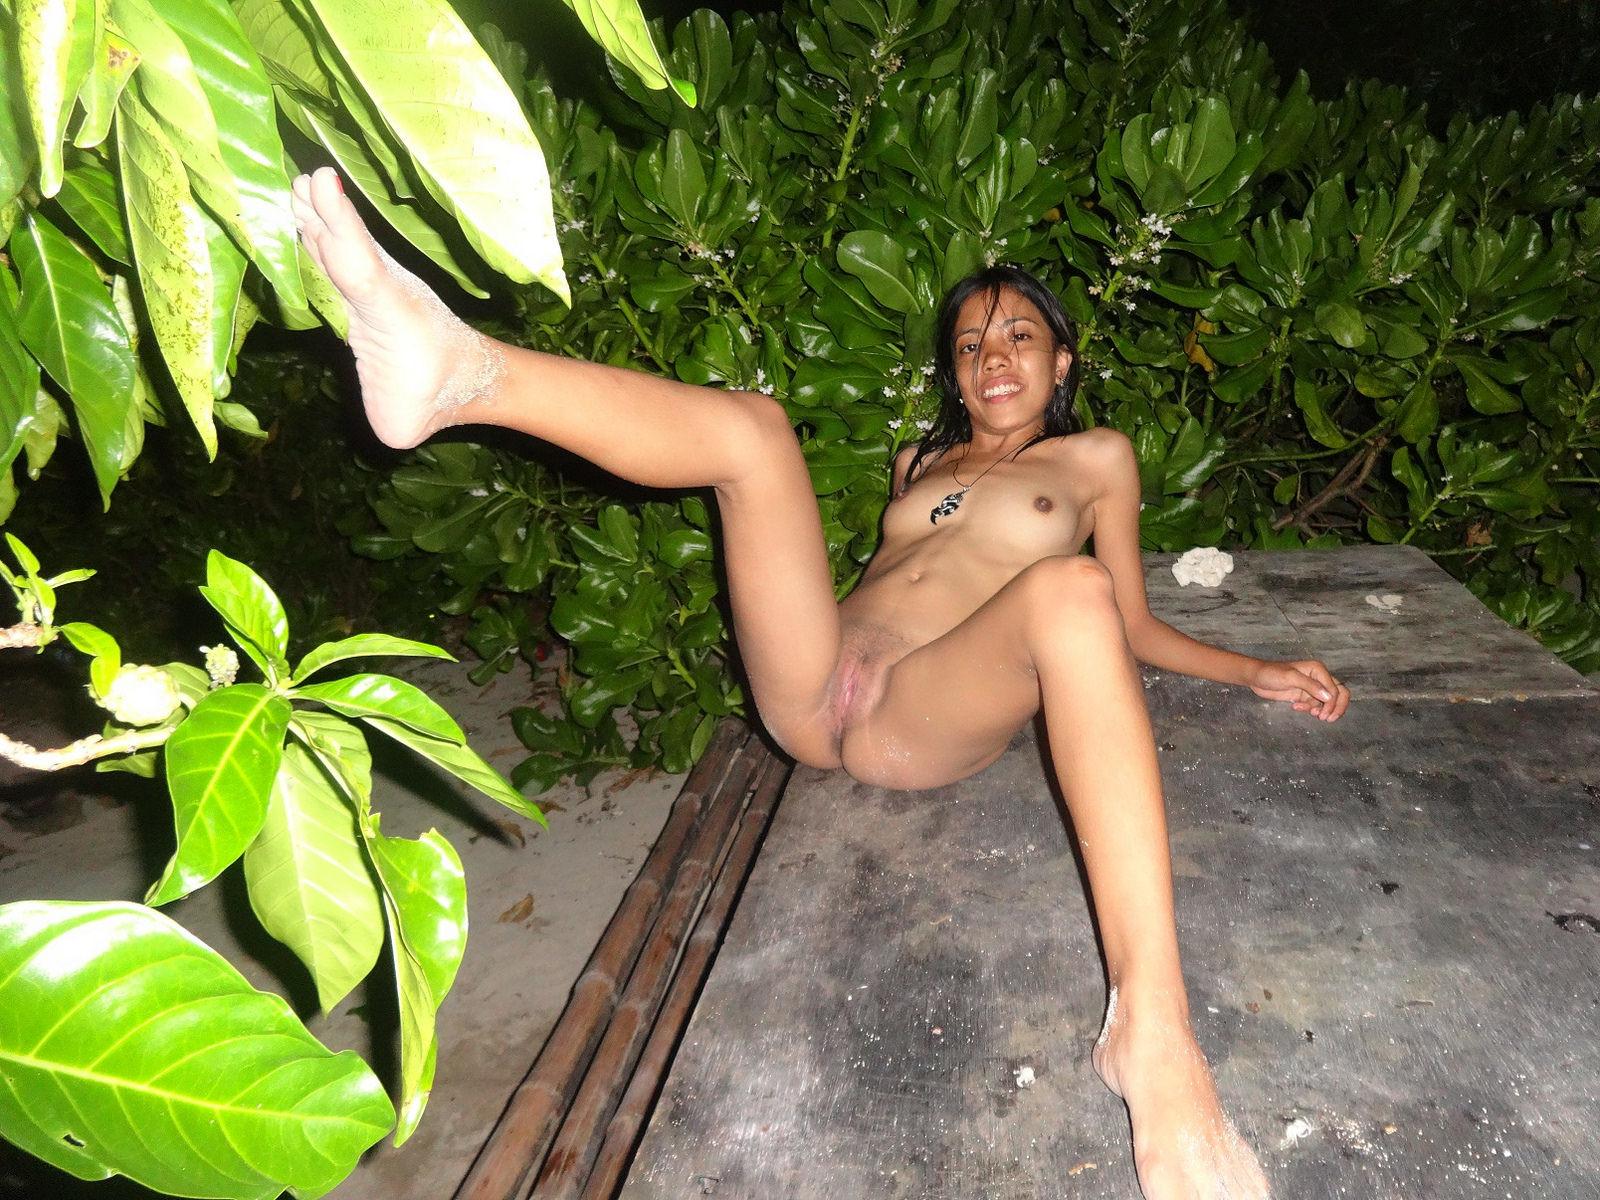 Филиппинка показывает свое тело на пляже и не только, позволяя рассмотреть все подробности